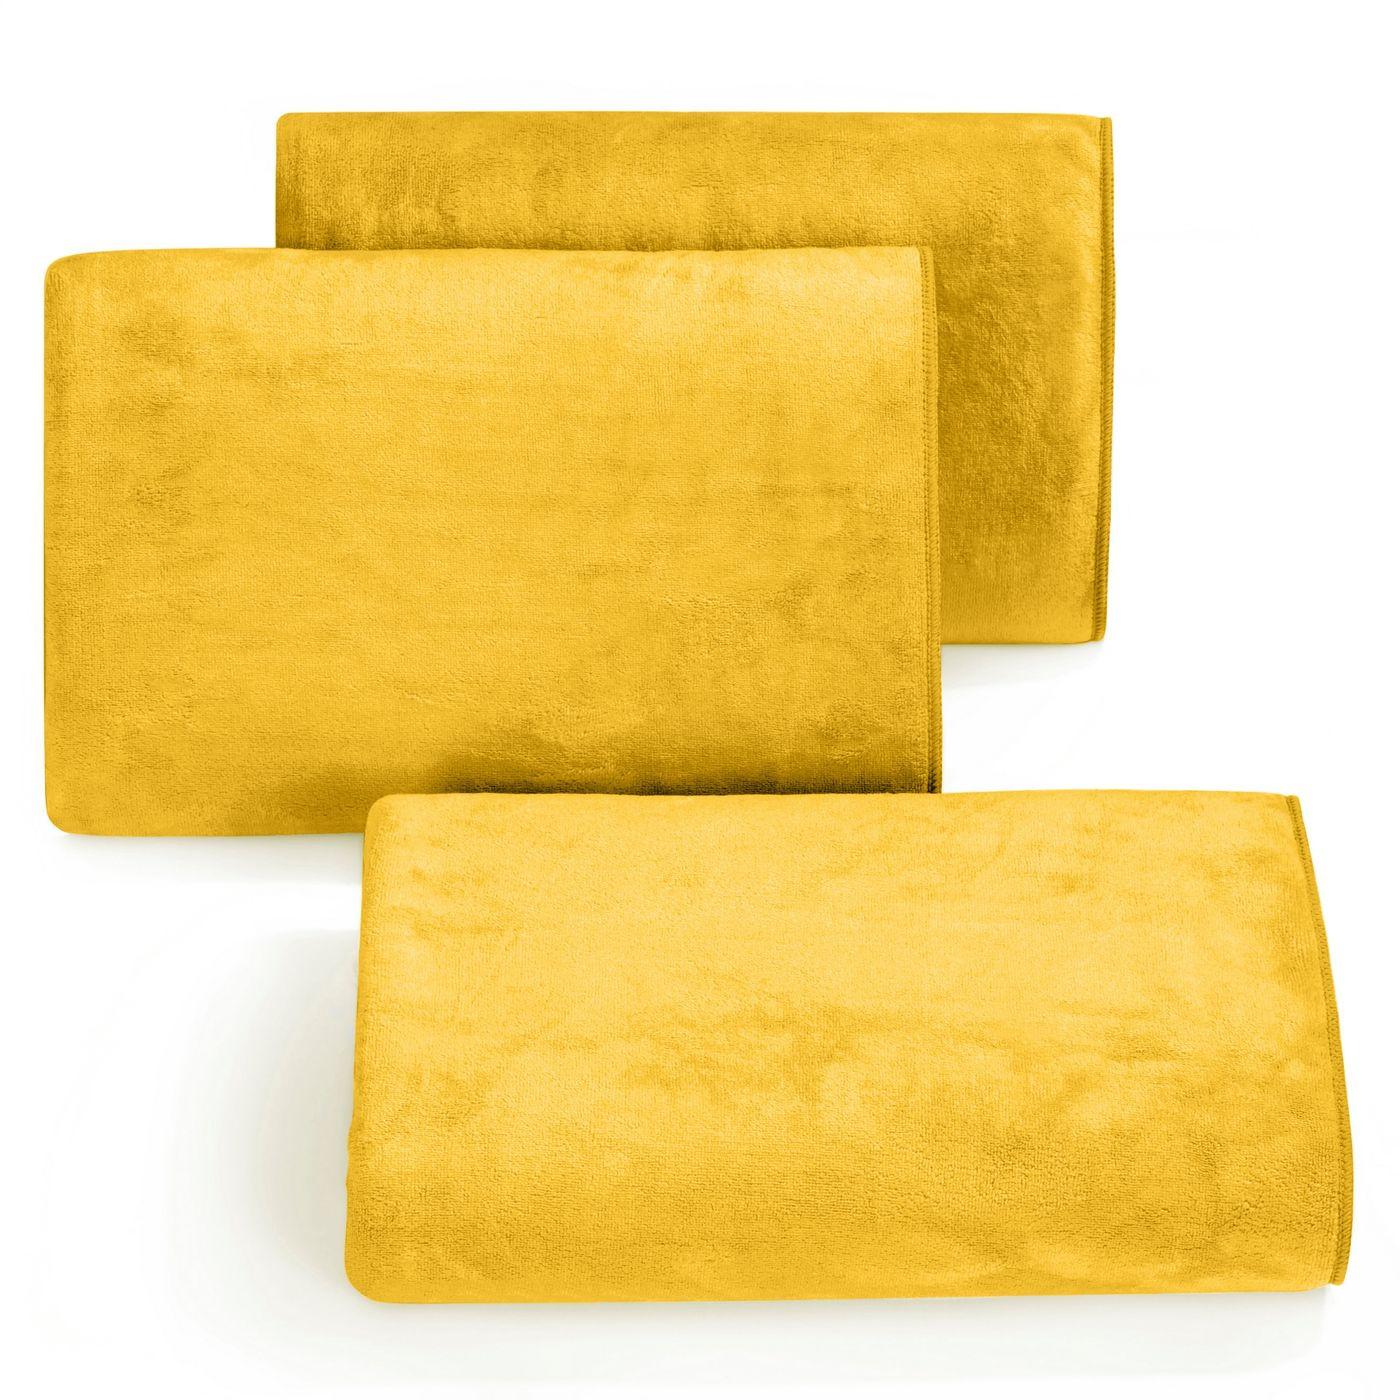 Ręcznik z mikrofibry szybkoschnący musztardowy 50x90cm